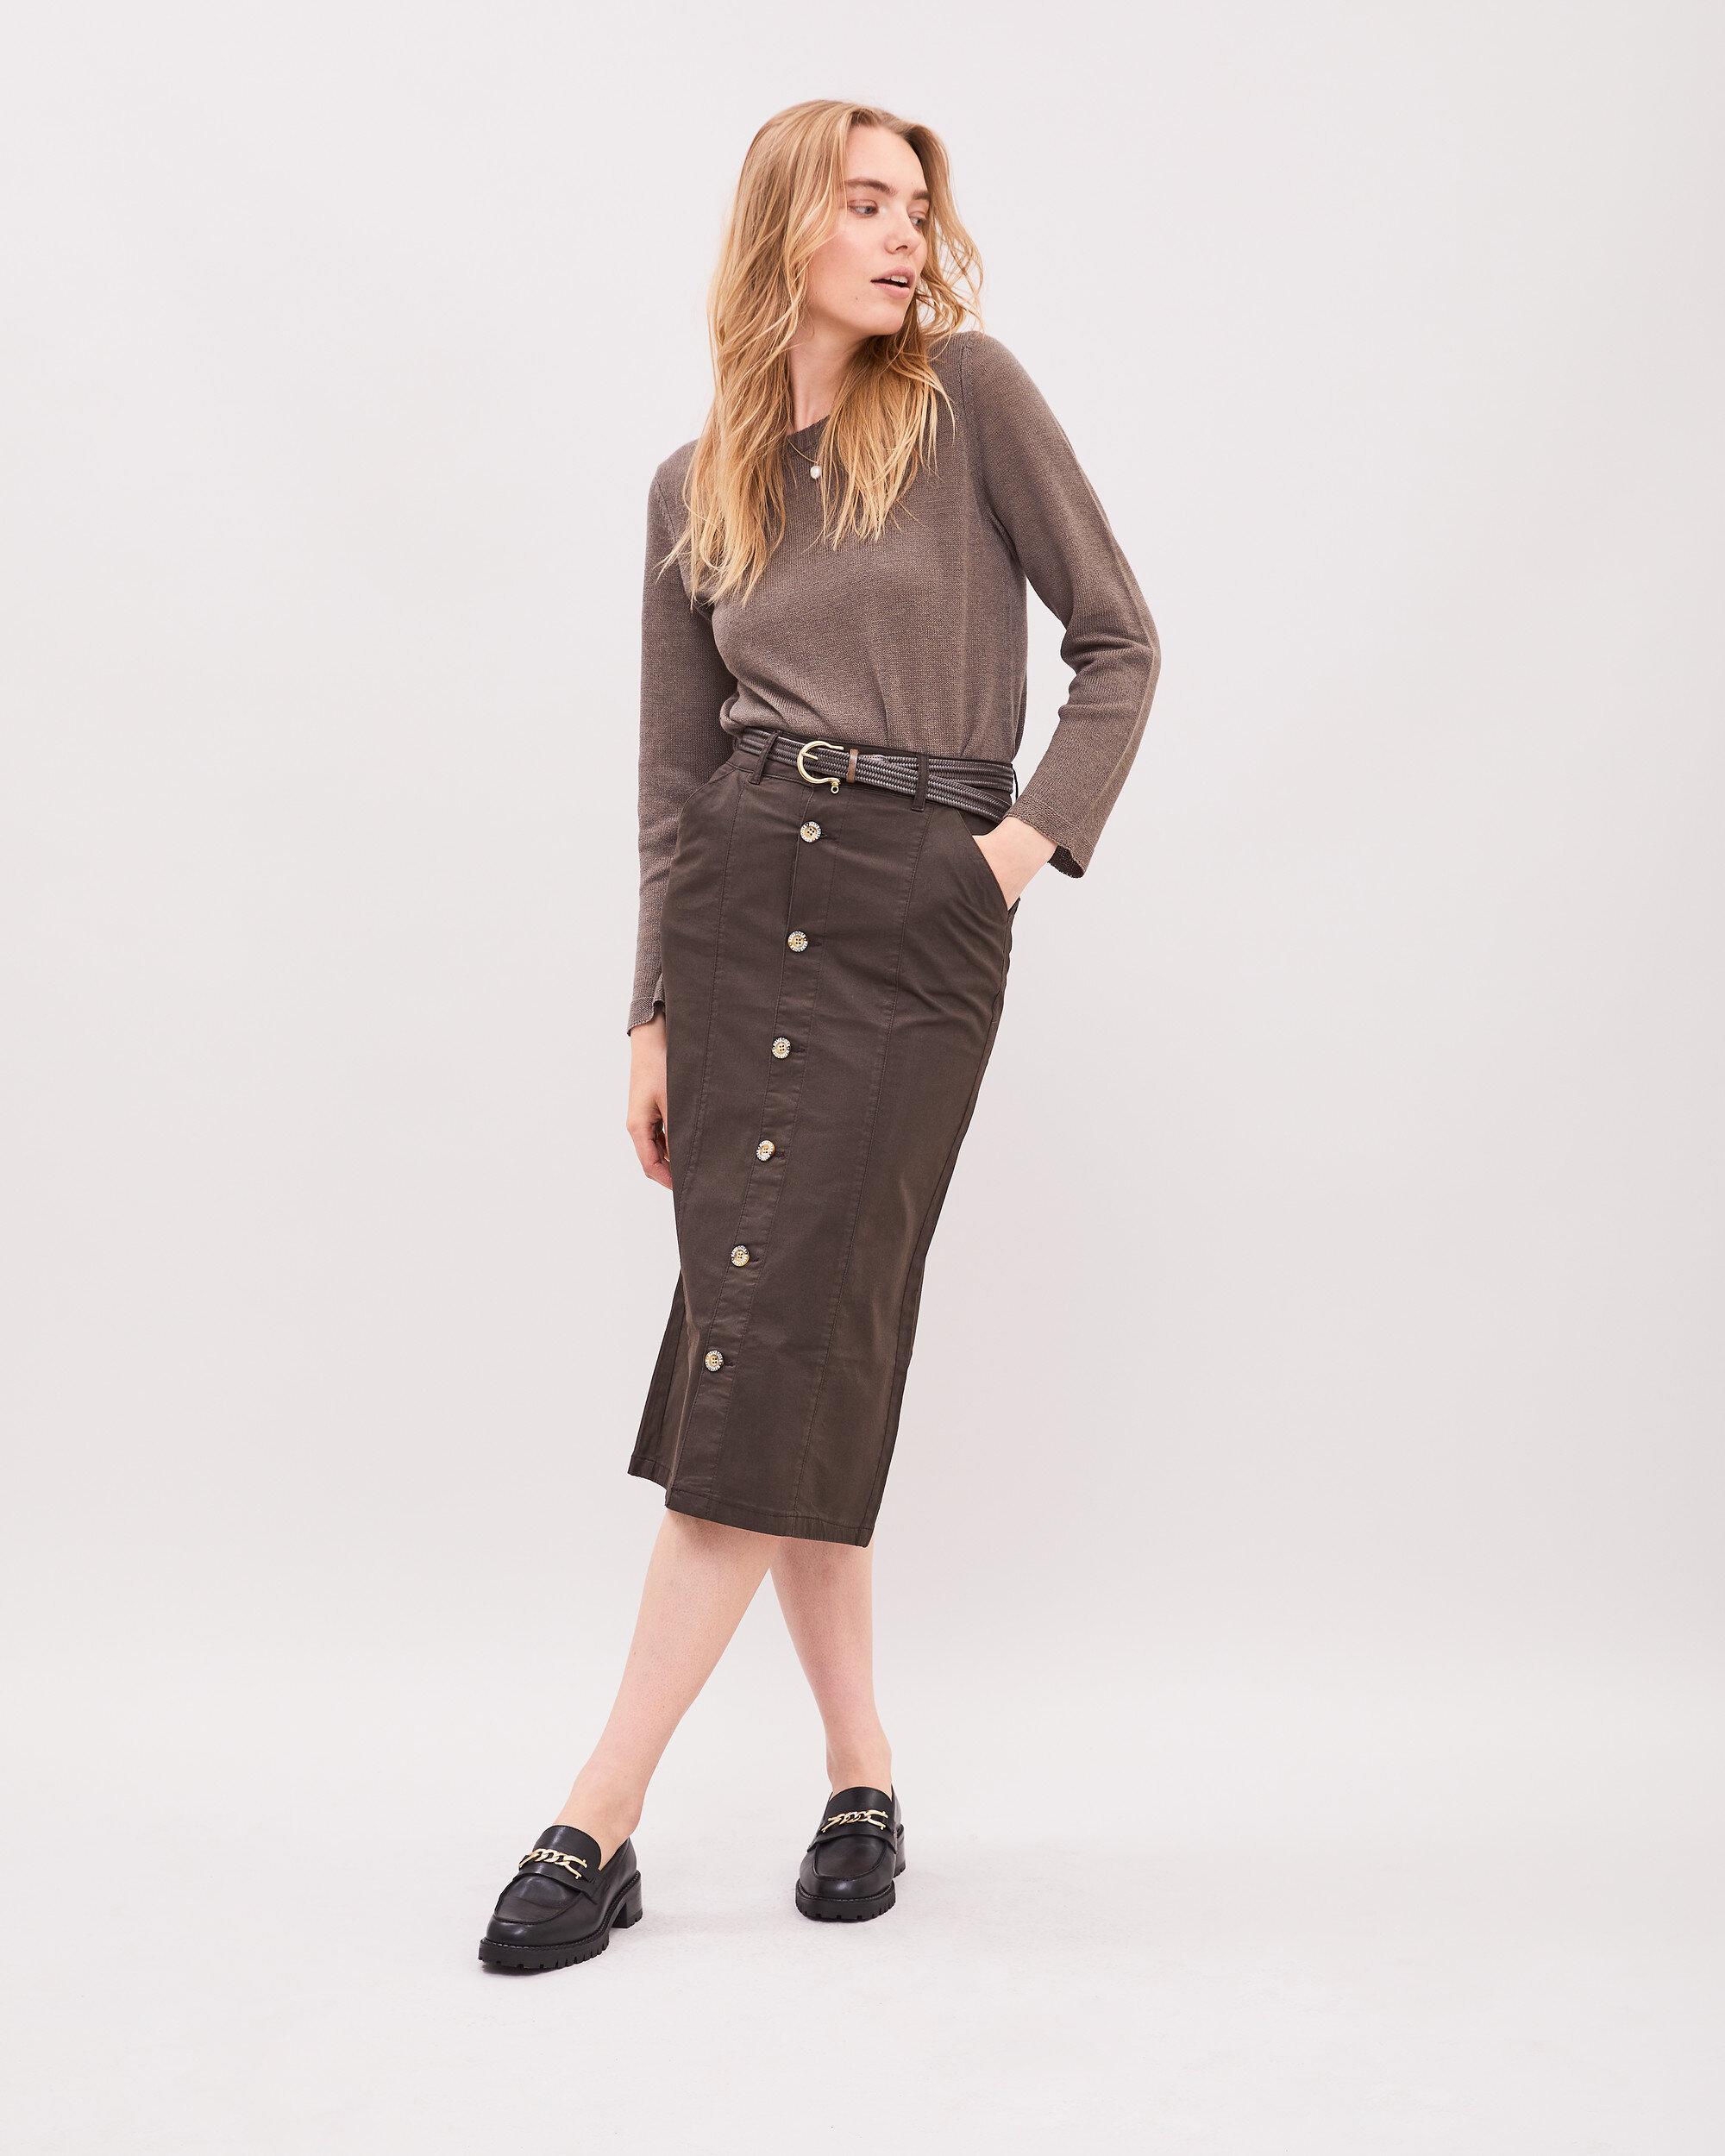 Annabell Skirt